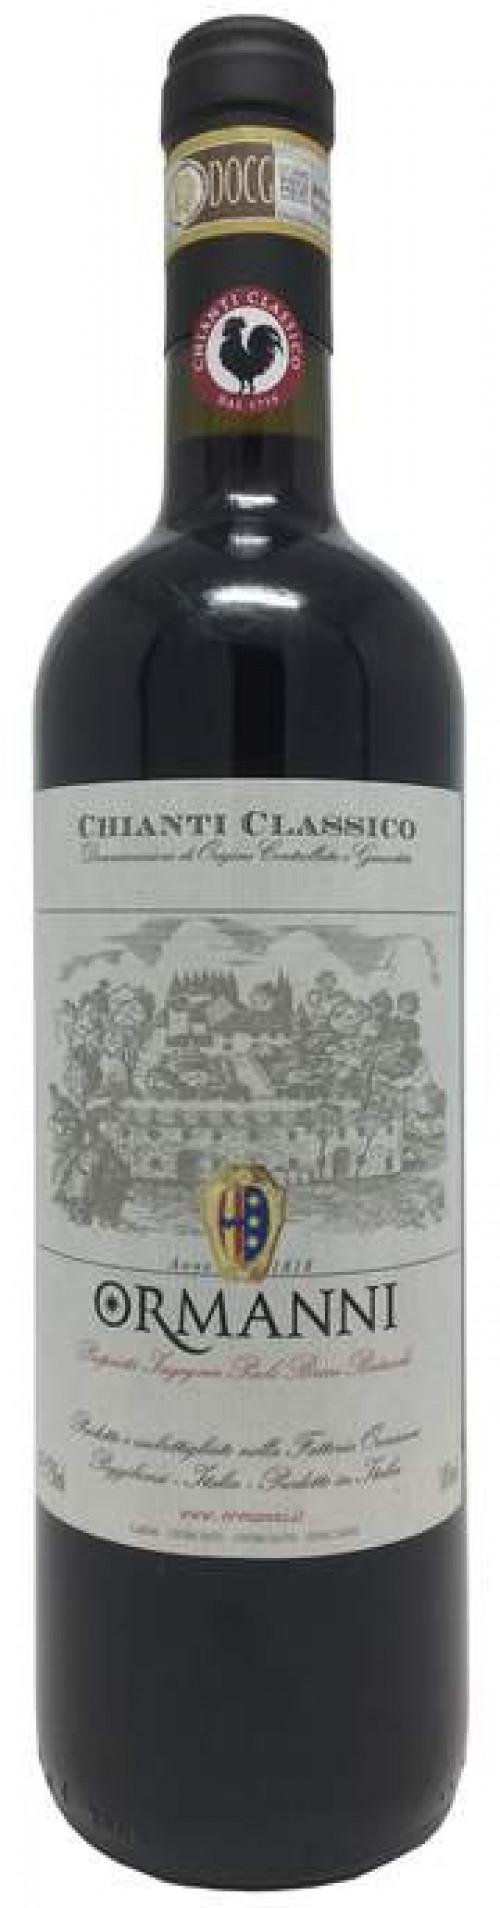 Ormanni Chianti Classico 750ml